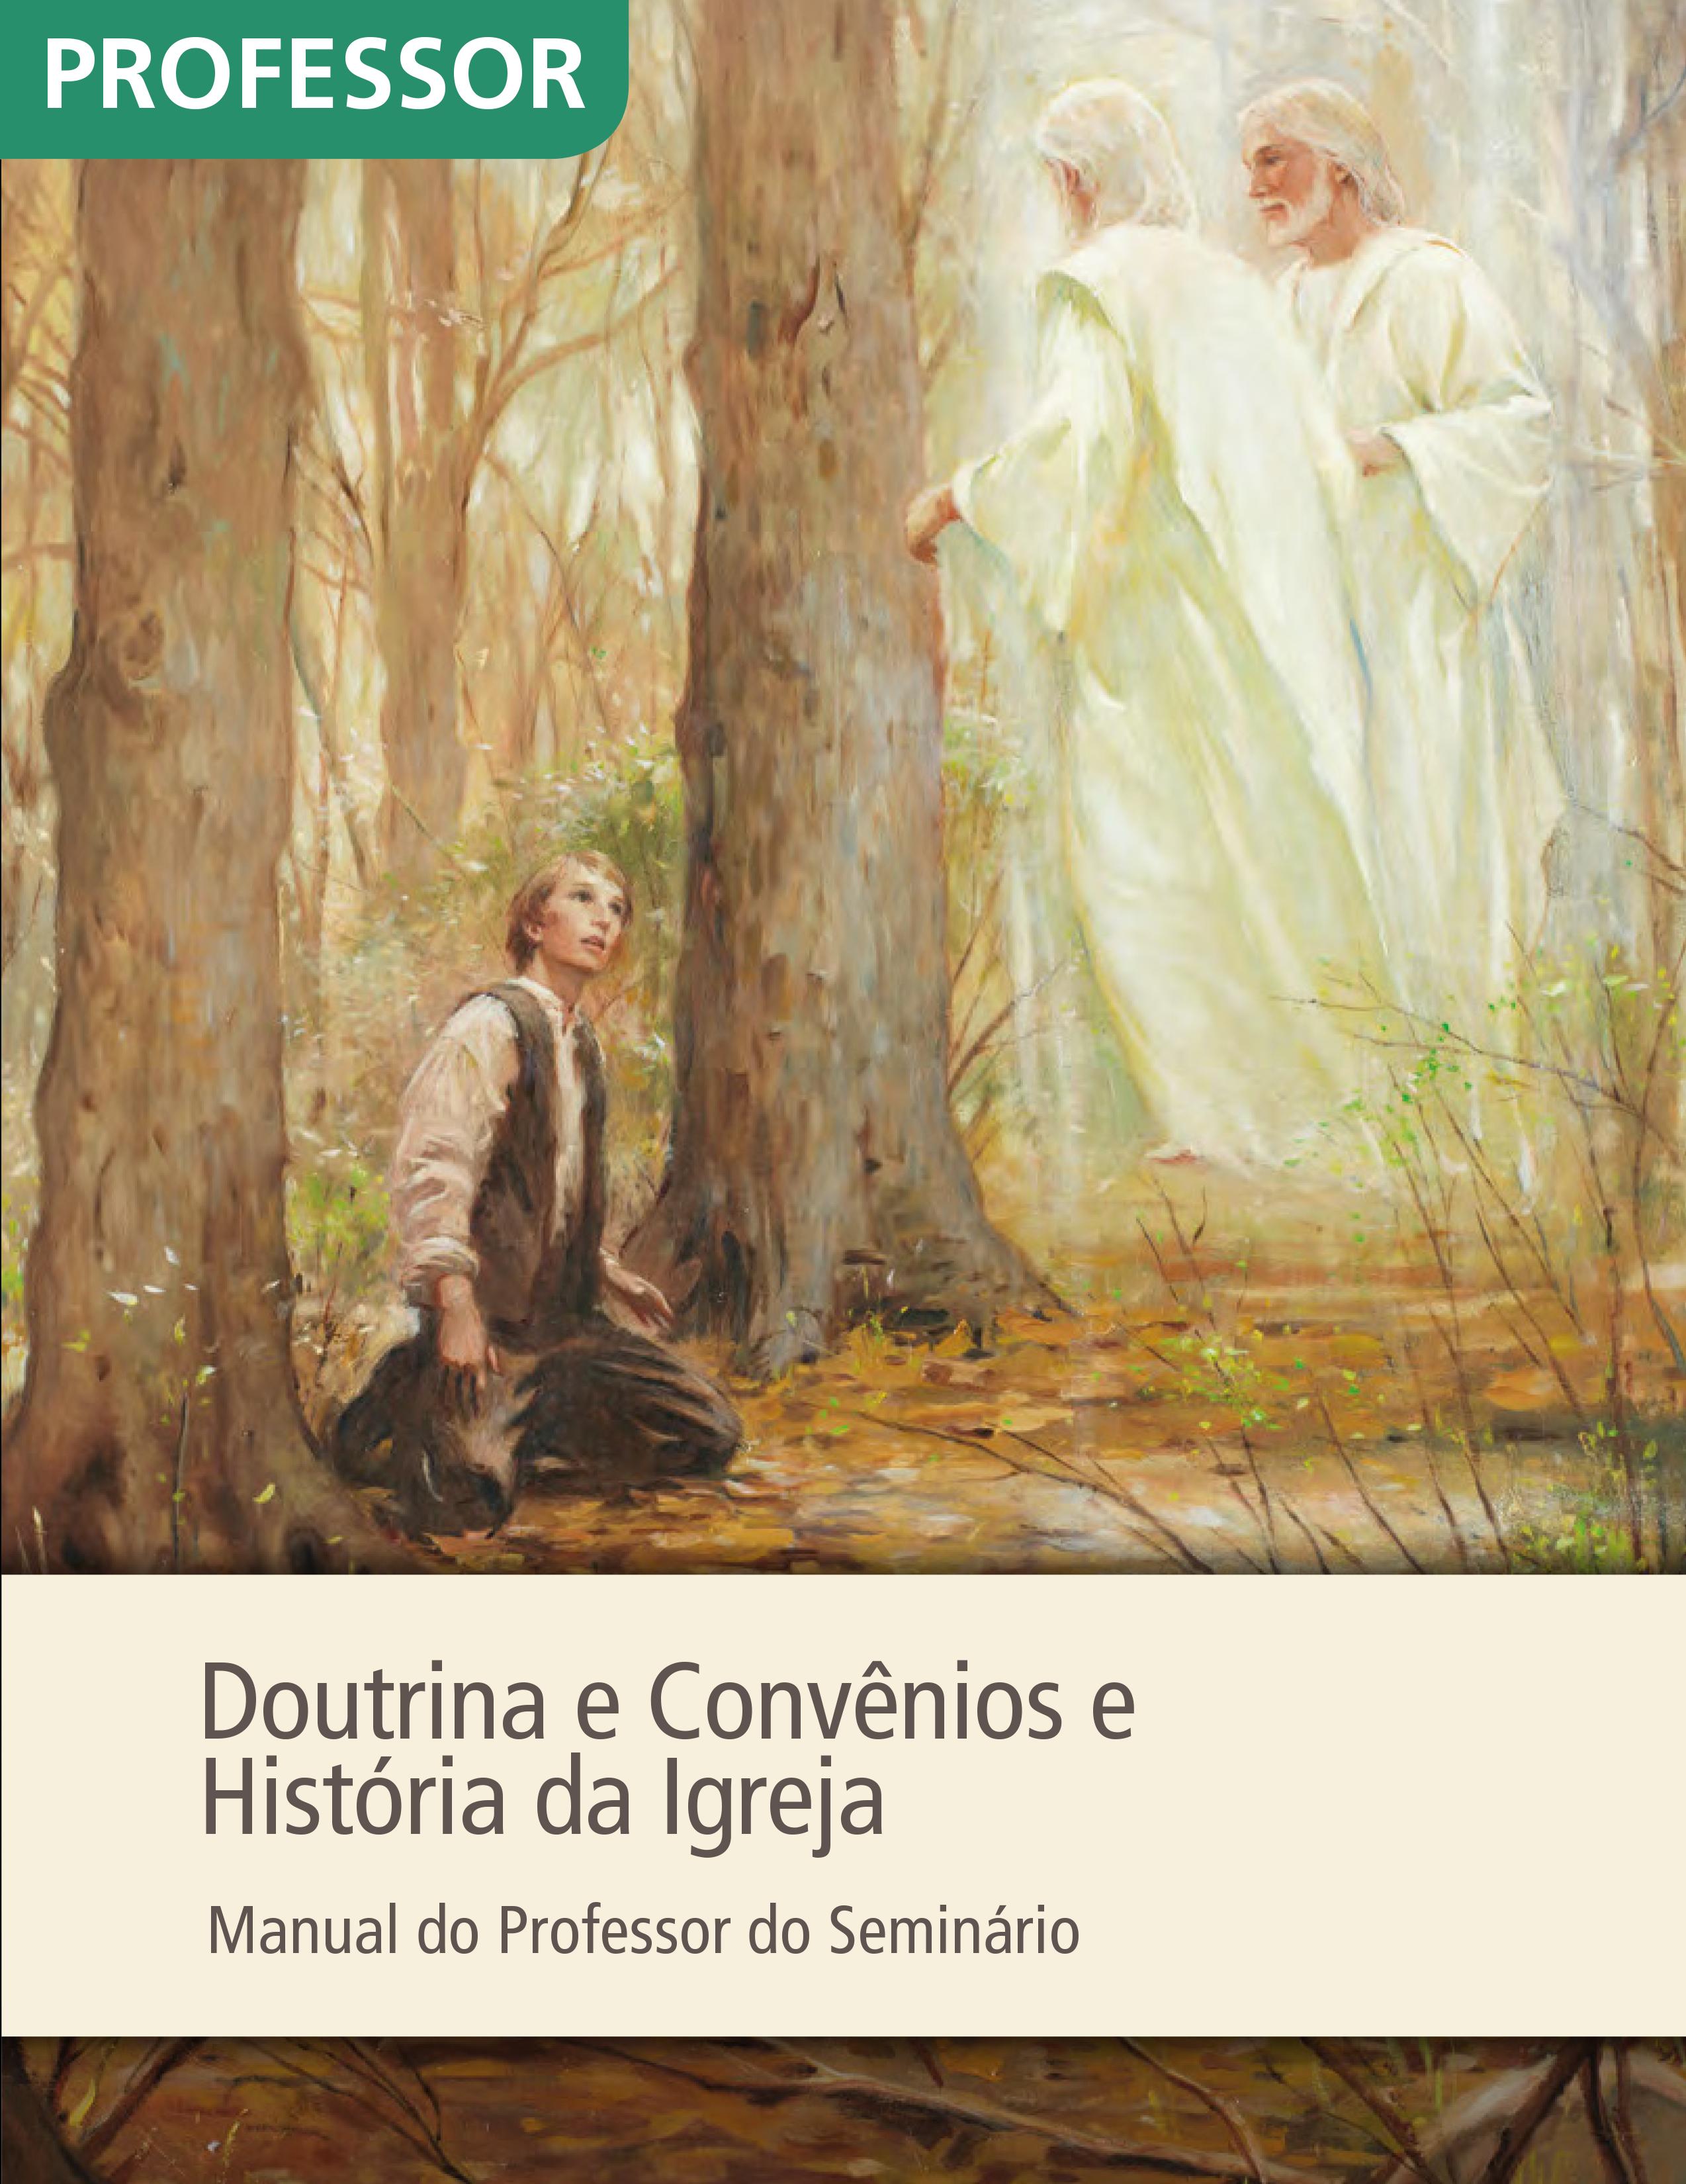 Doutrina e Convênios e História da Igreja — Manual do Professor do Seminário